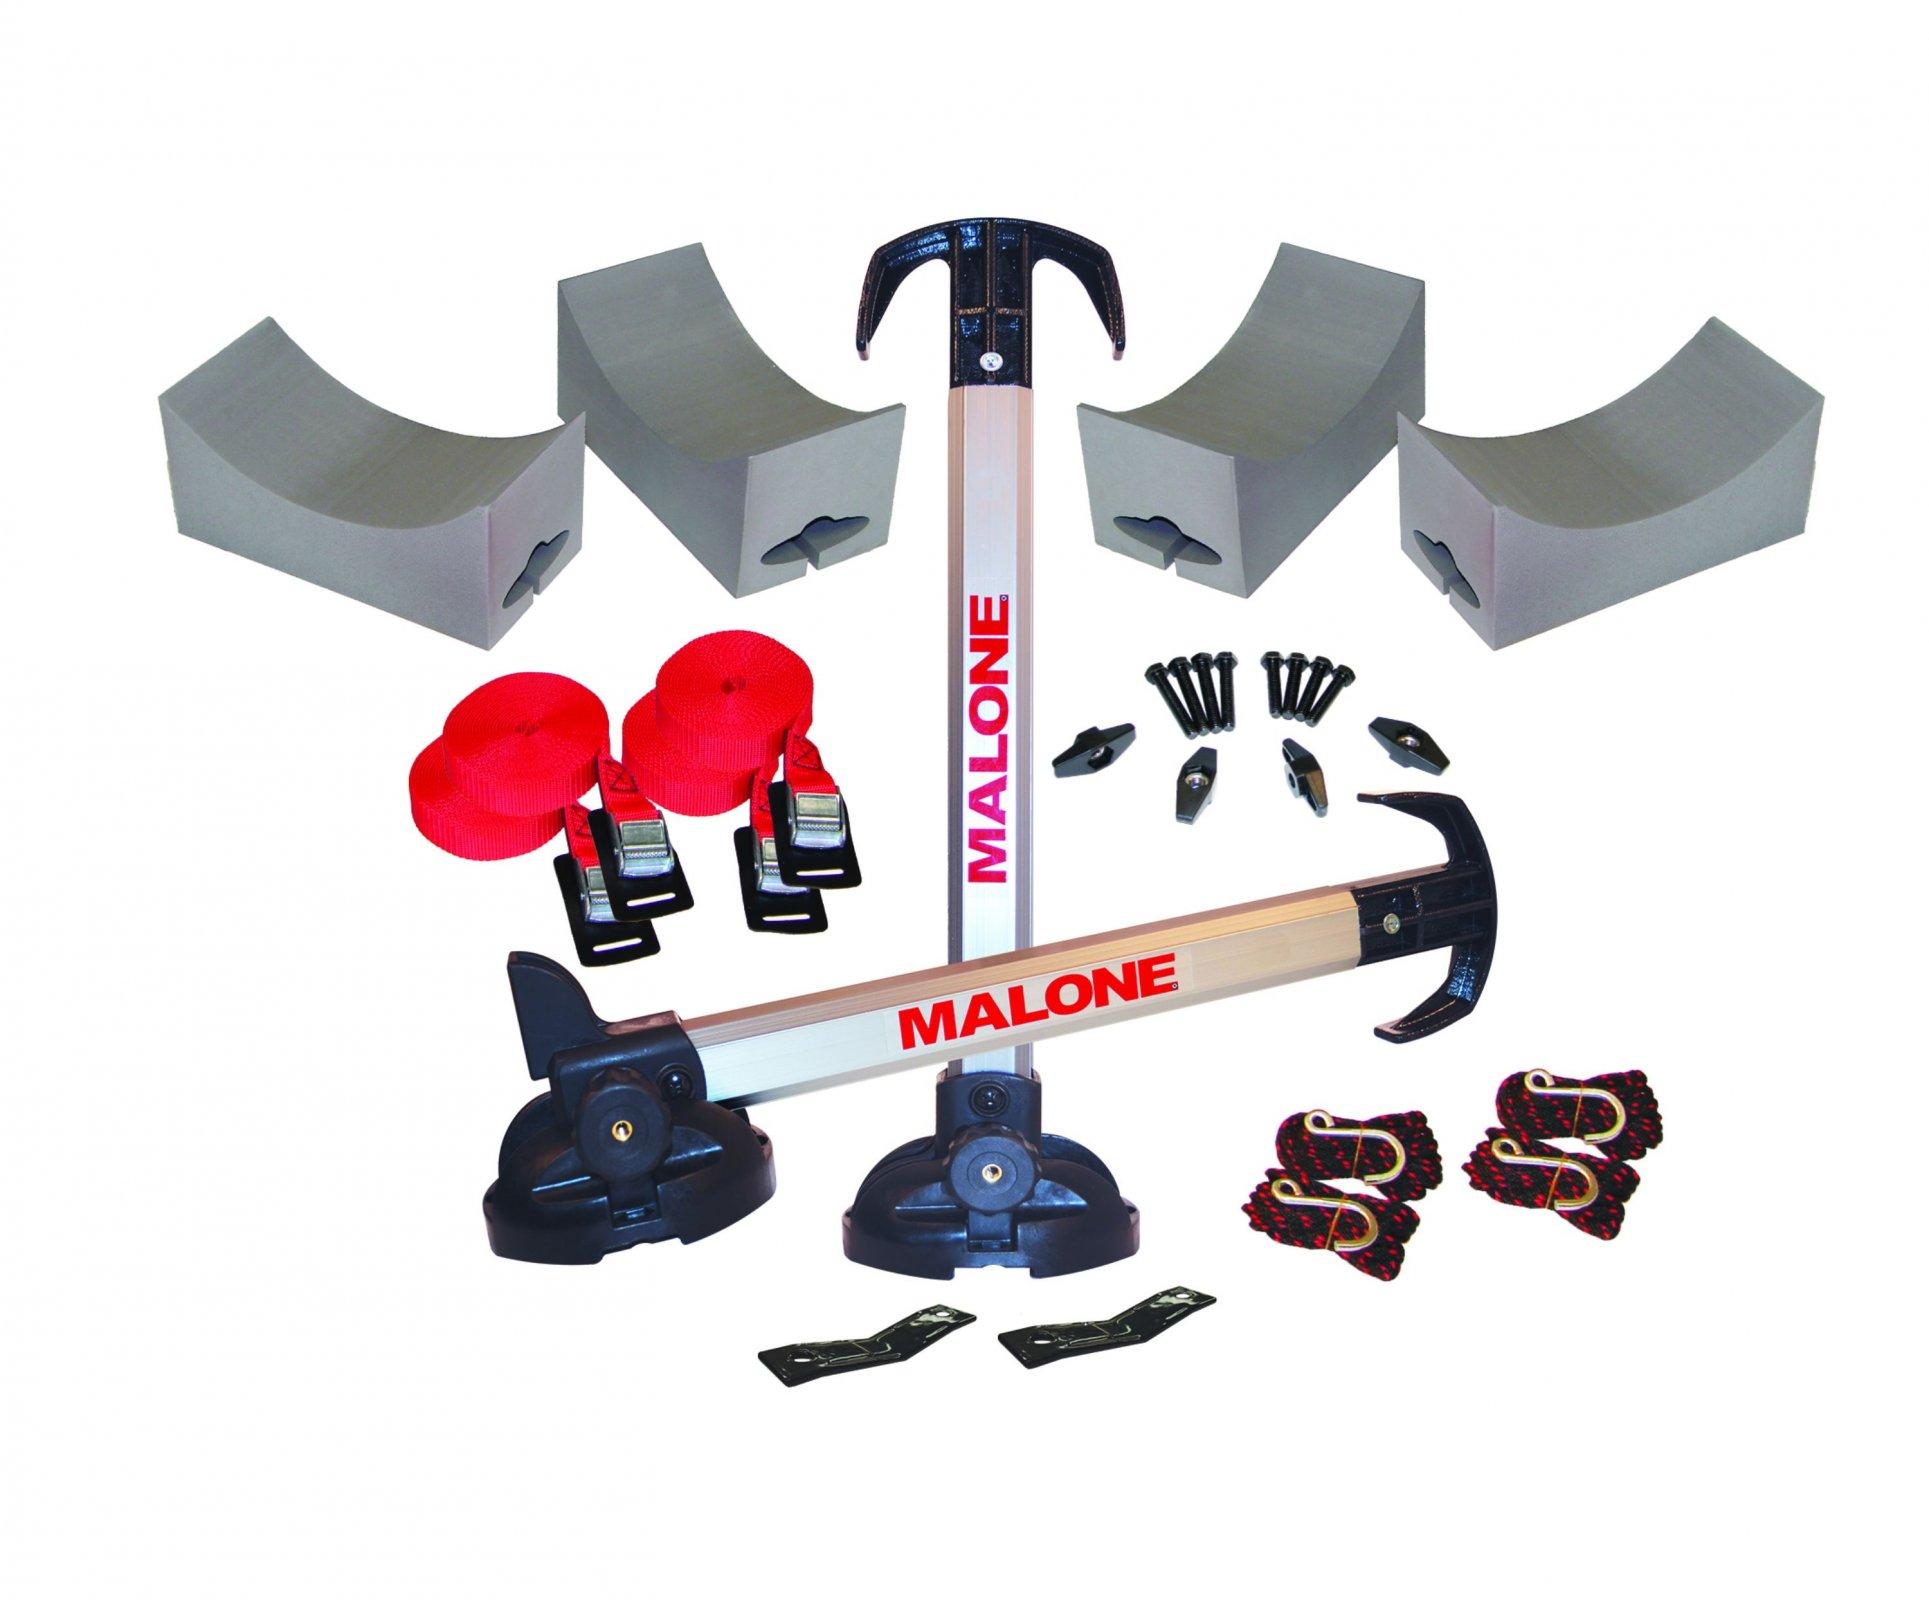 Malone Stax Pro 2